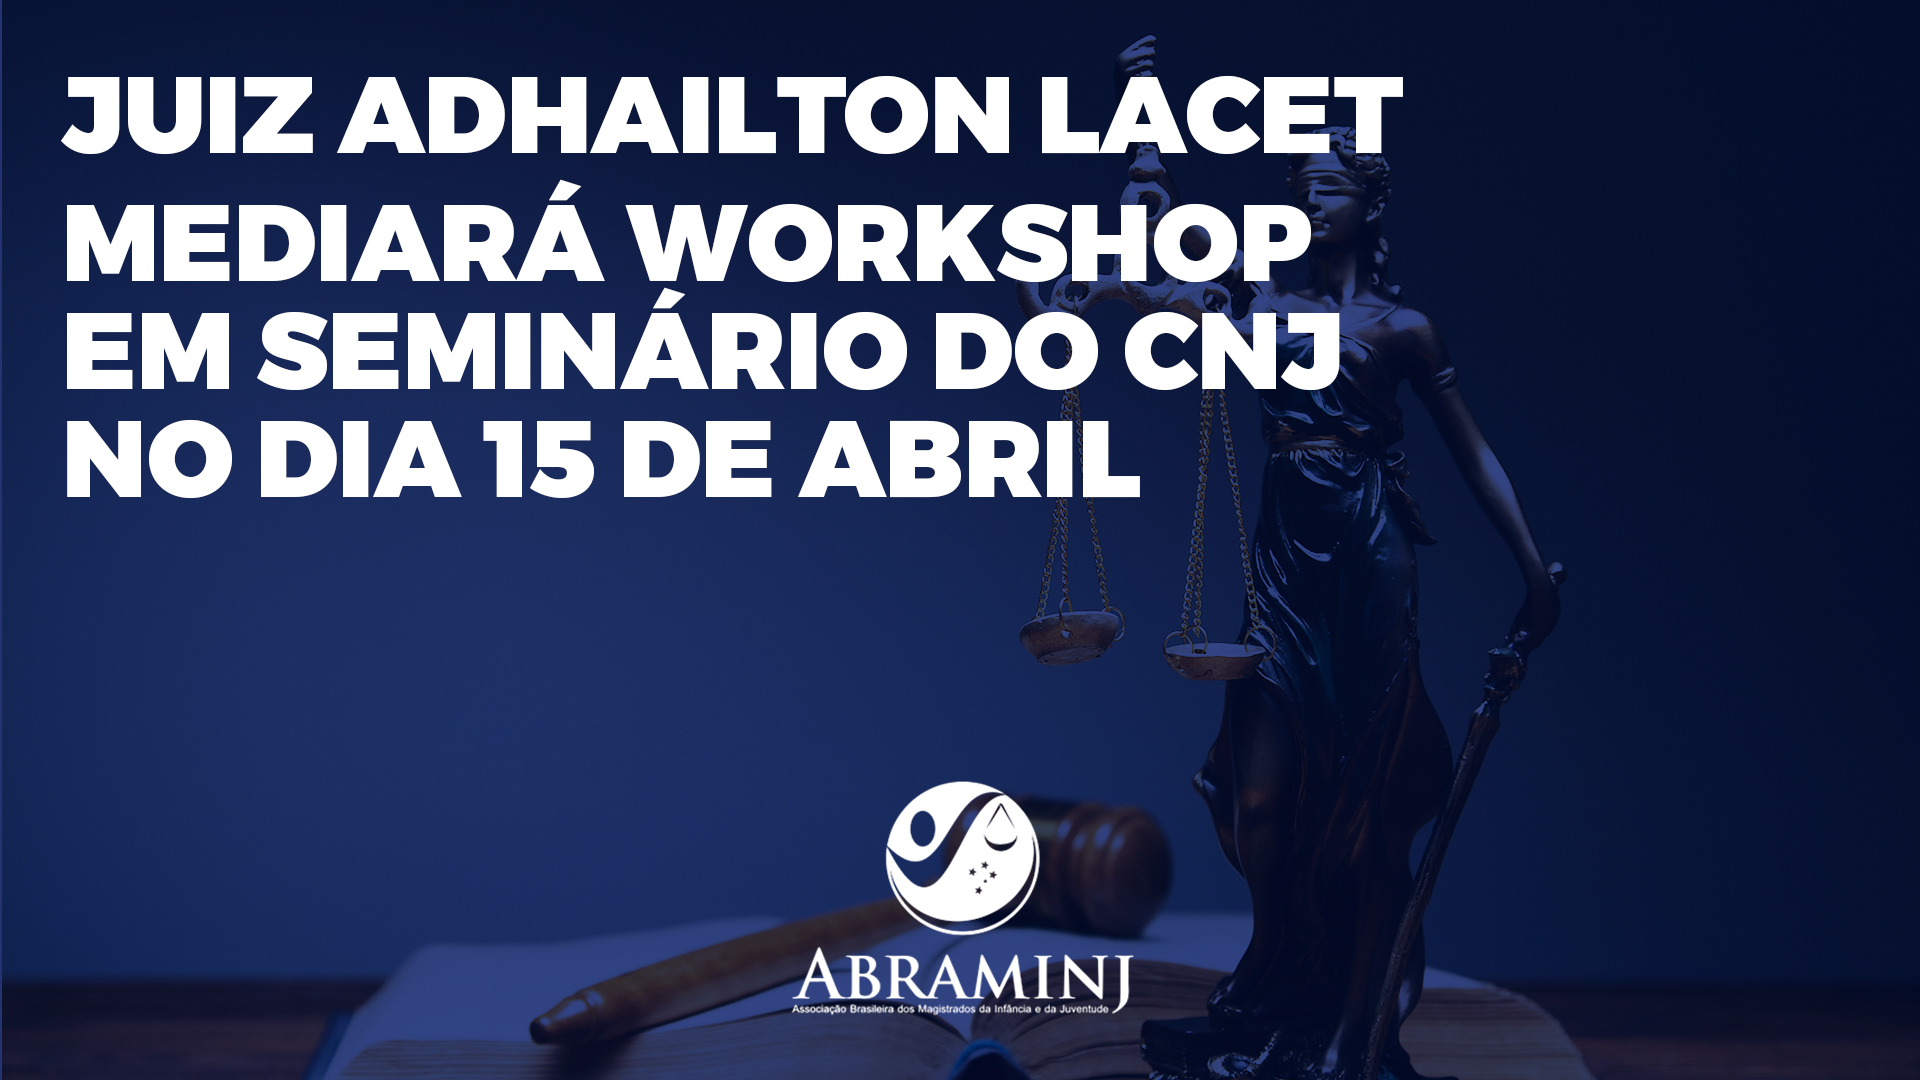 Membro da Abraminj, juiz Adhailton Lacet mediará Workshop em Seminário do CNJ no dia 15 de abril